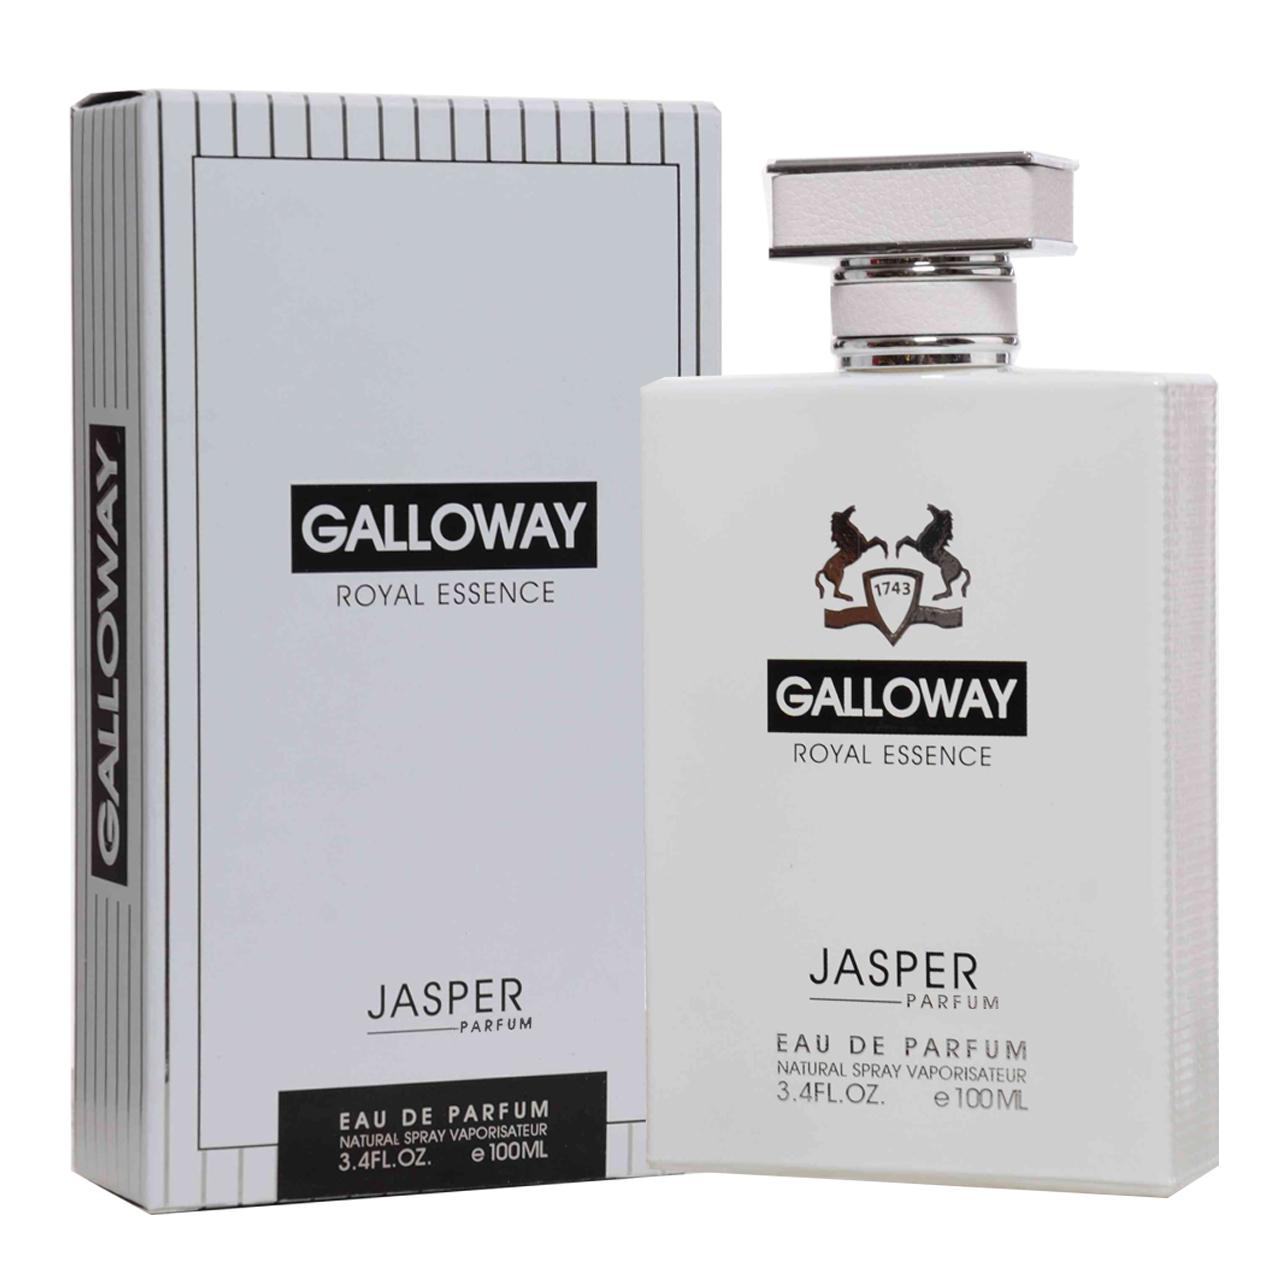 ادو پرفیوم جاسپر پرفیوم مدل Galloway حجم 100 میلی لیتر